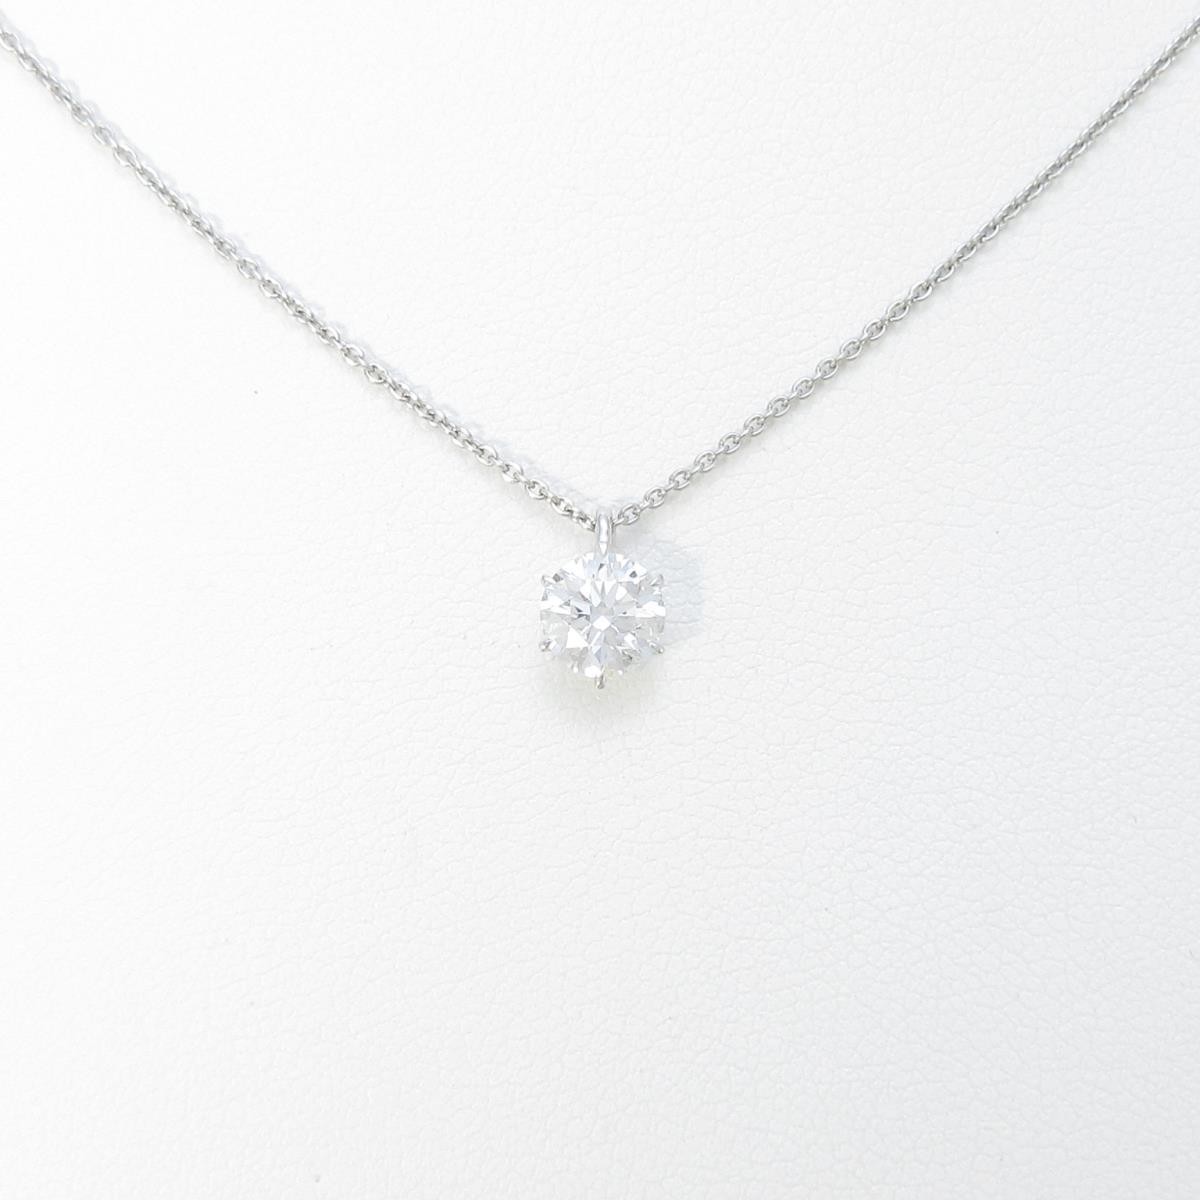 【リメイク】プラチナダイヤモンドネックレス 0.601ct・F・SI1・EXT・H&C【中古】